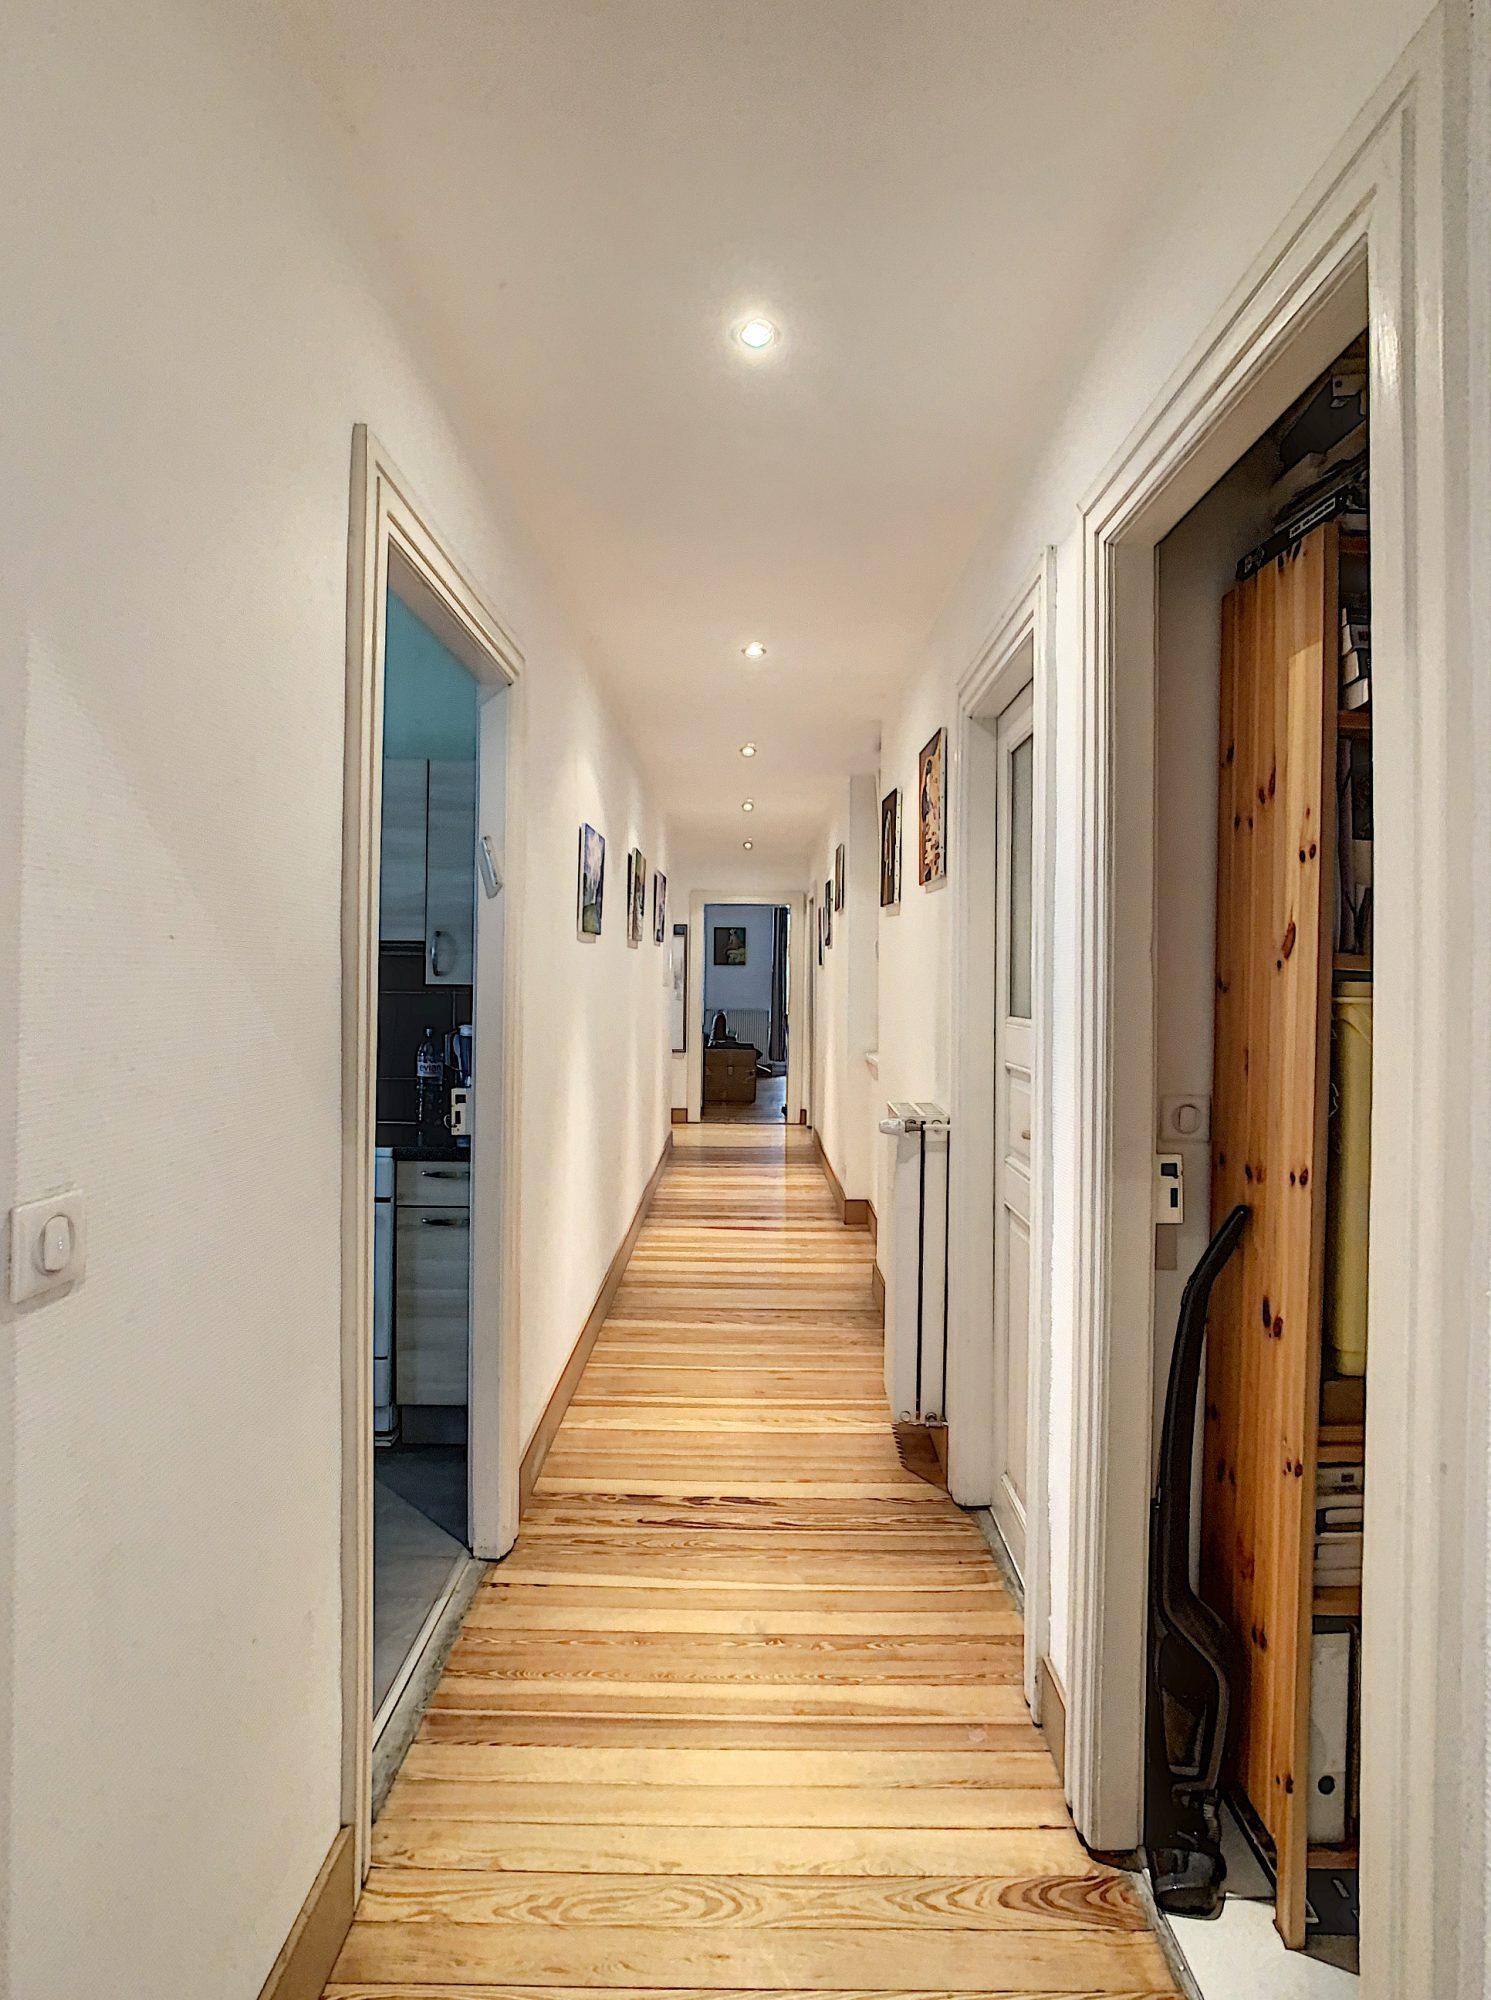 Appartement 3/4 pièces dans le quartier de la Neustadt - Devenez propriétaire en toute confiance - Bintz Immobilier - 6